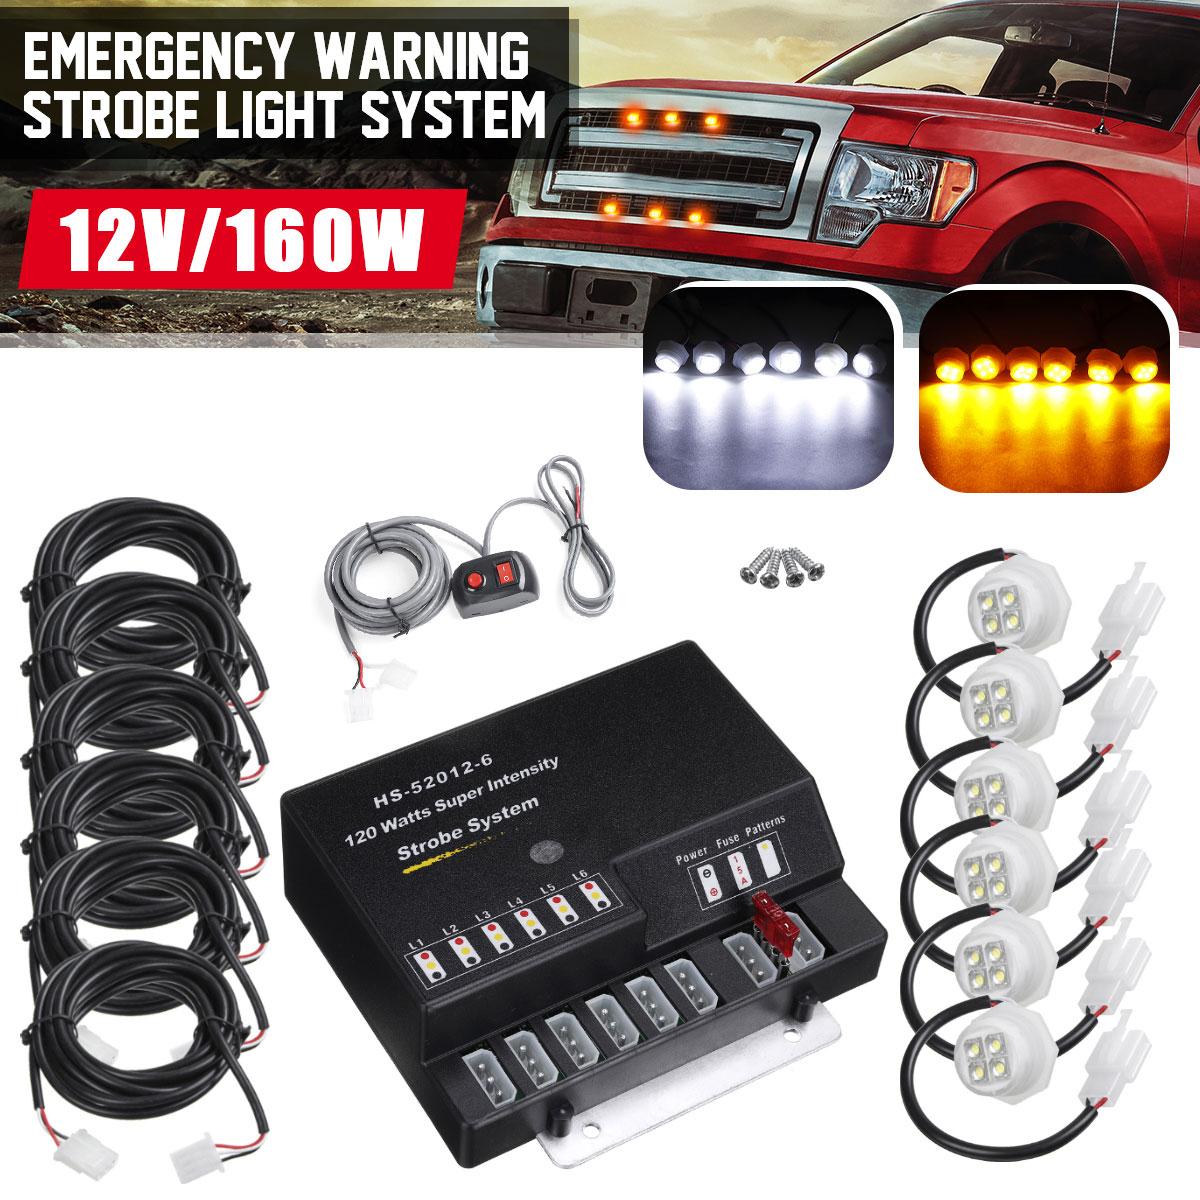 Voiture cacher loin avertissement de danger d'urgence Flash stroboscopes Kit de système de lumière 6 pièces ampoule LED Kit de phare 12V 120W